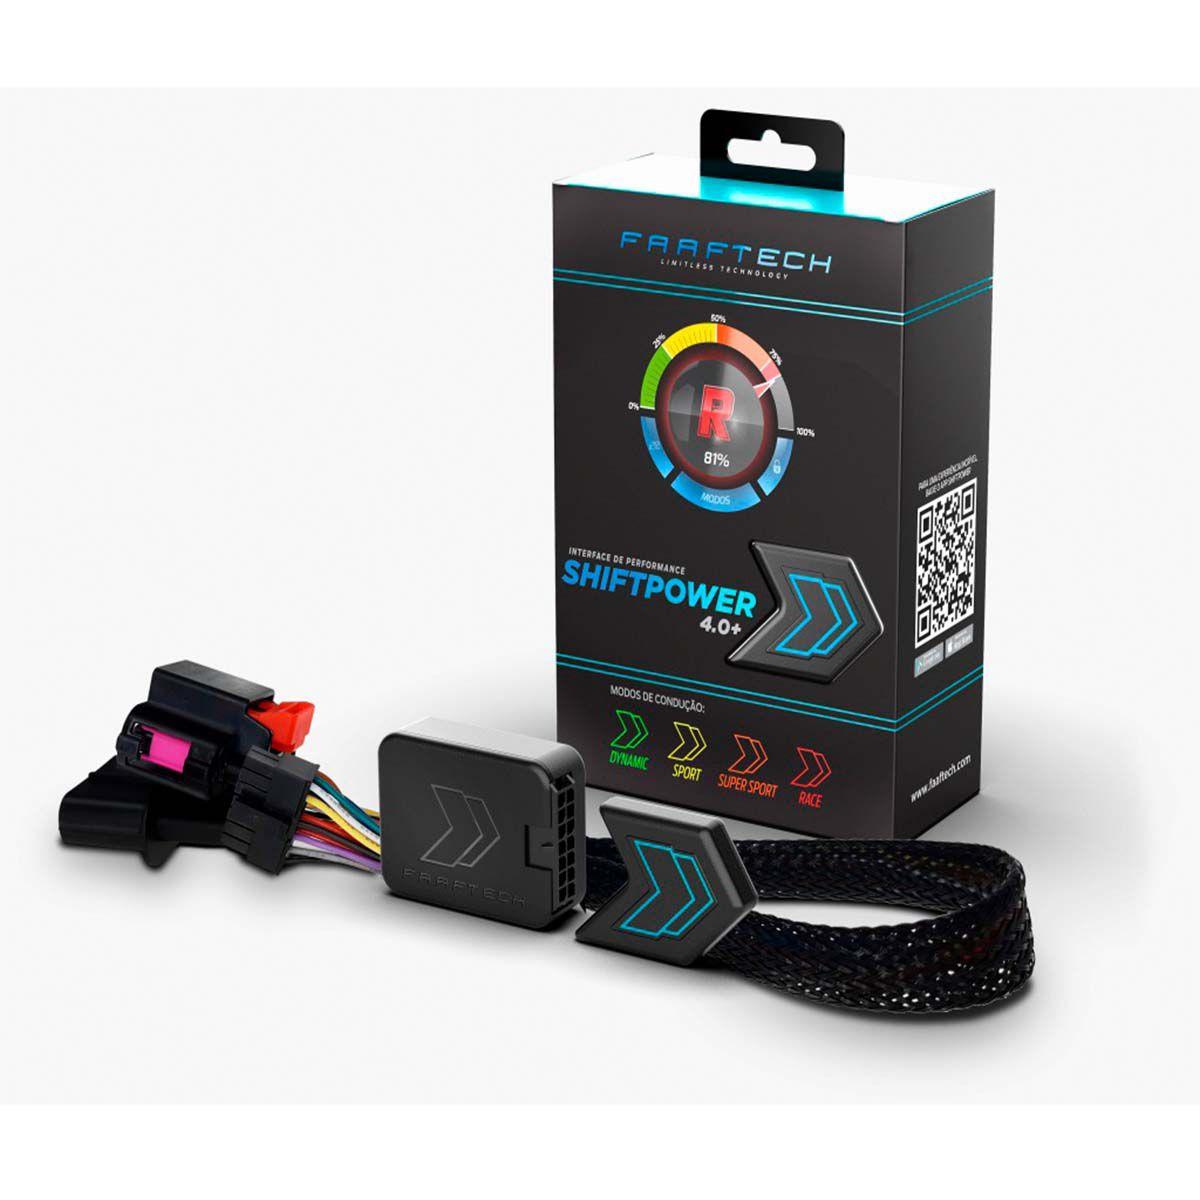 Shift Power Novo 4.0+ para Hyundai e Kia  Chip Acelerador Plug Play Bluetooth Faaftech FT-SP03+